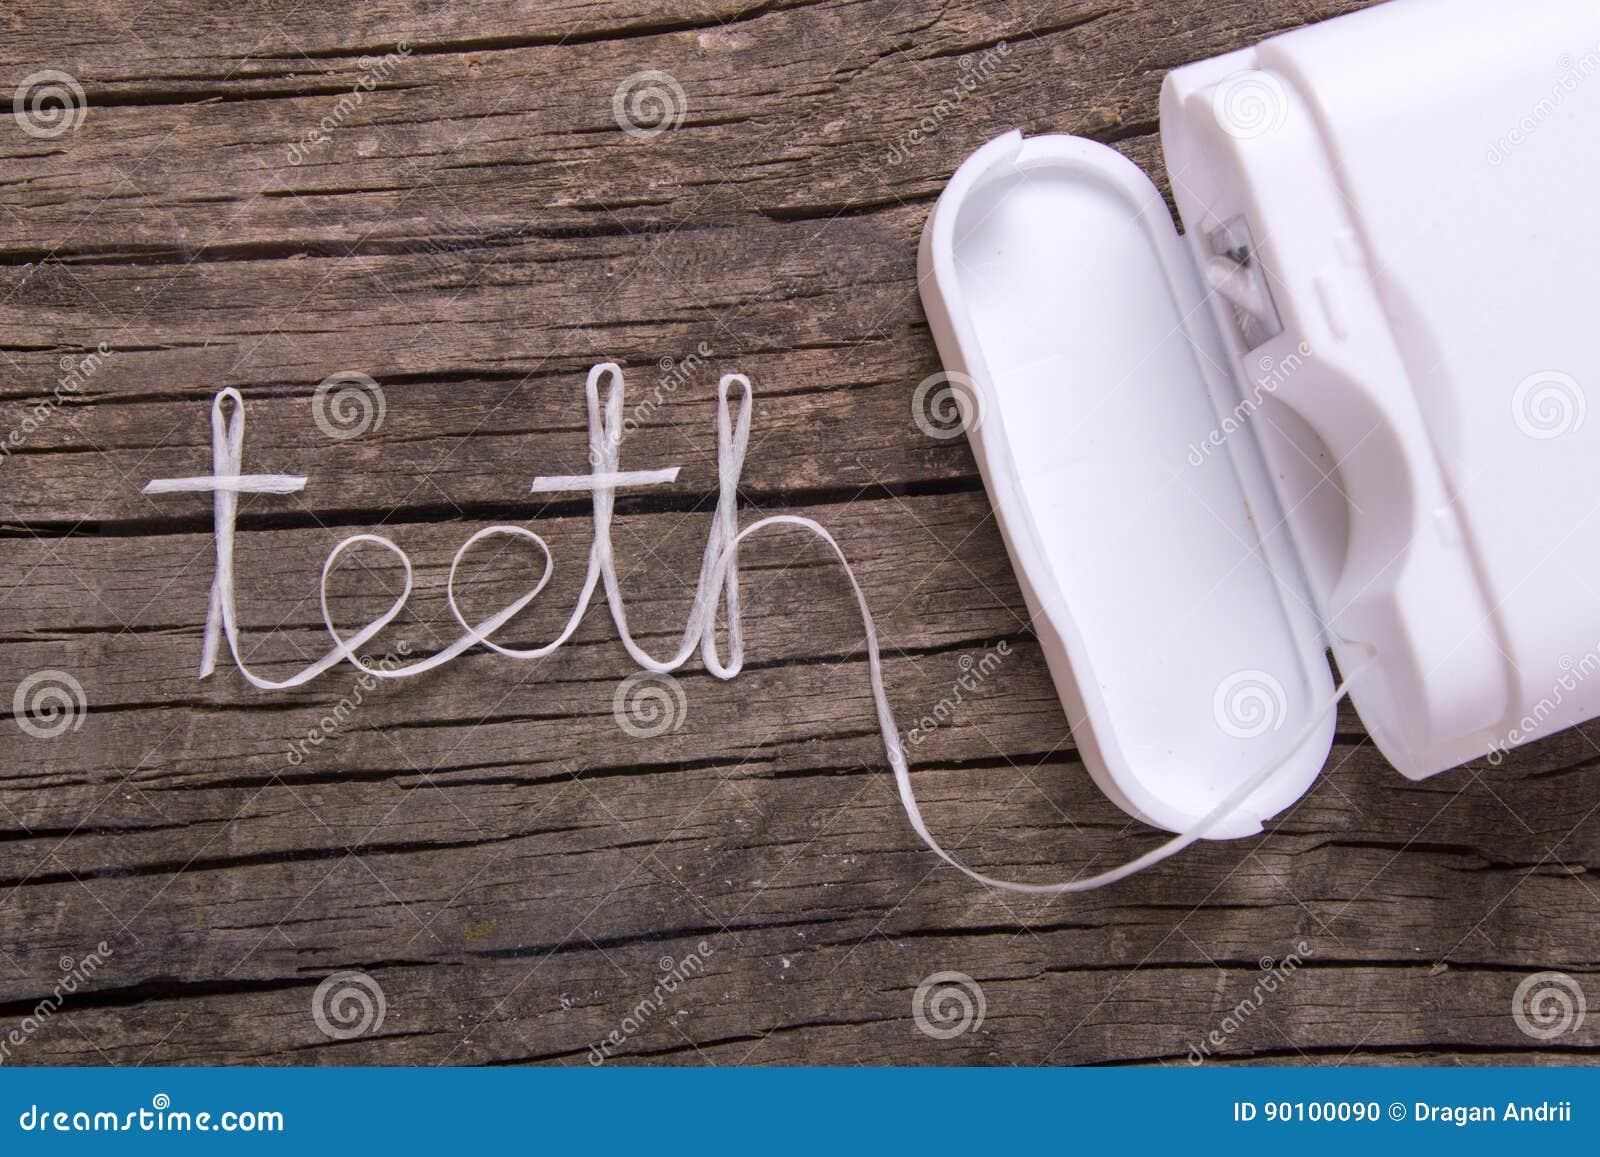 Słowo zęby stomatologiczny floss